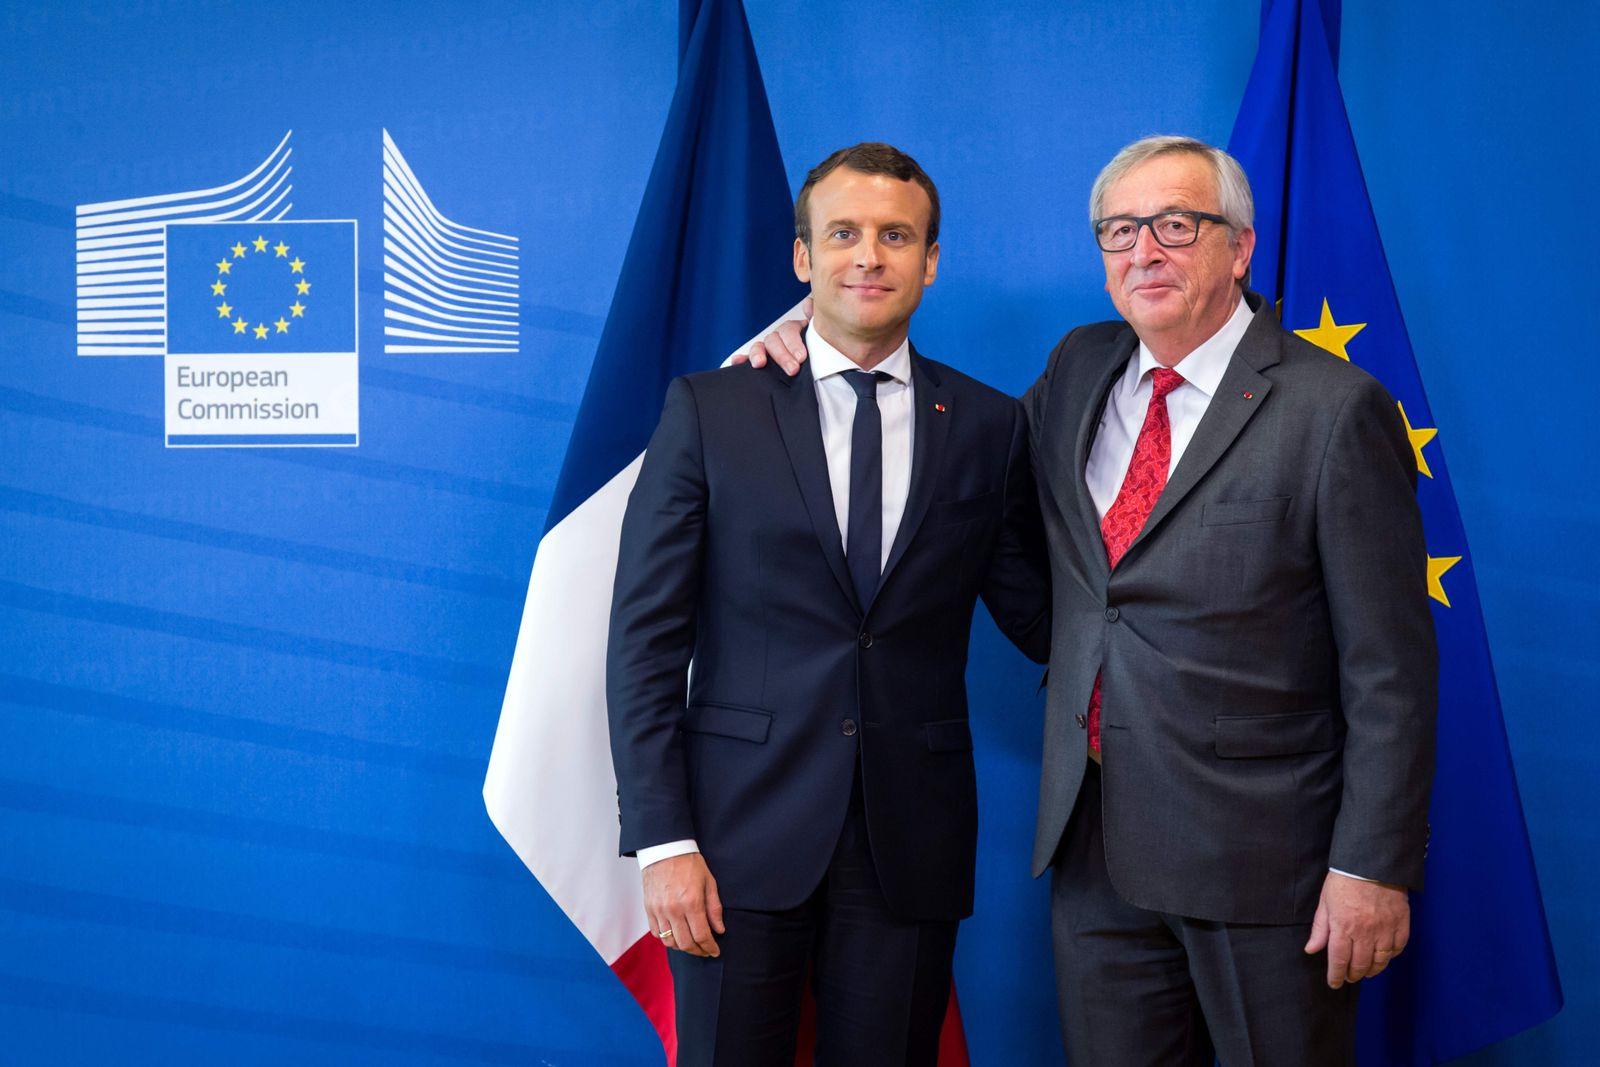 Emmanuel Macron / Jean-Claude Juncker